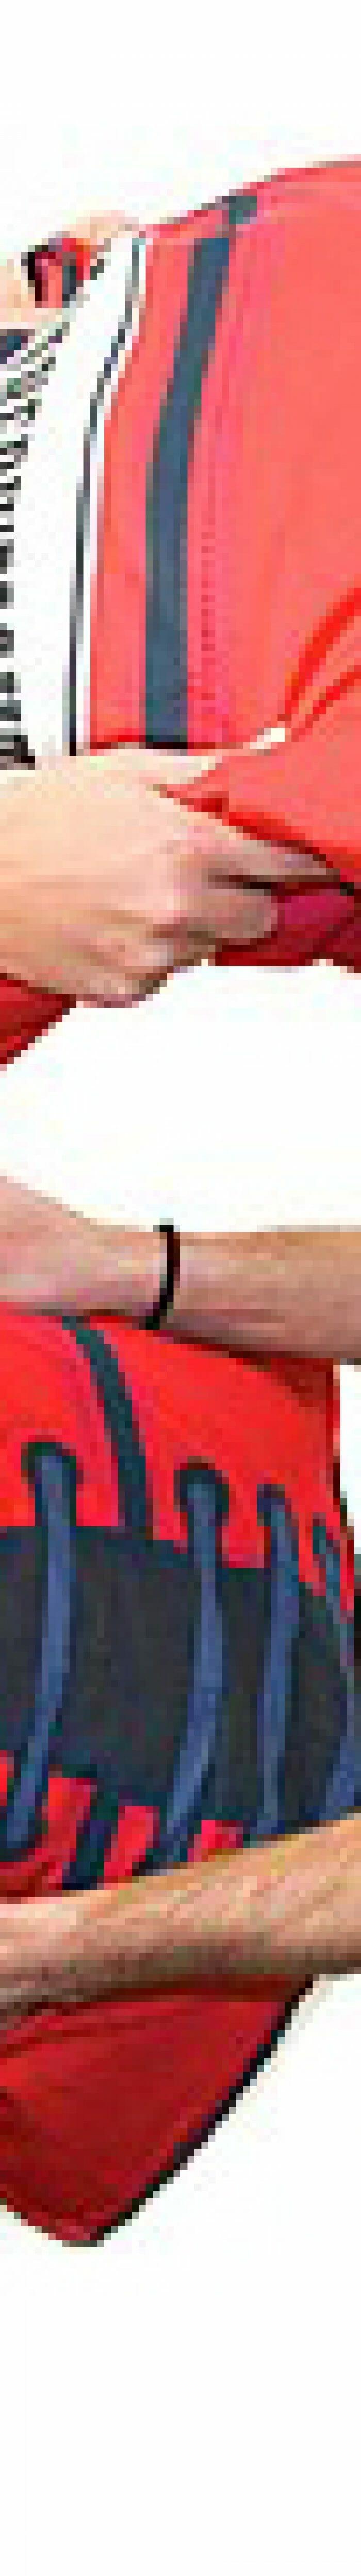 Faça guerra de travesseiros com as Boxing Glove Pillow Cases